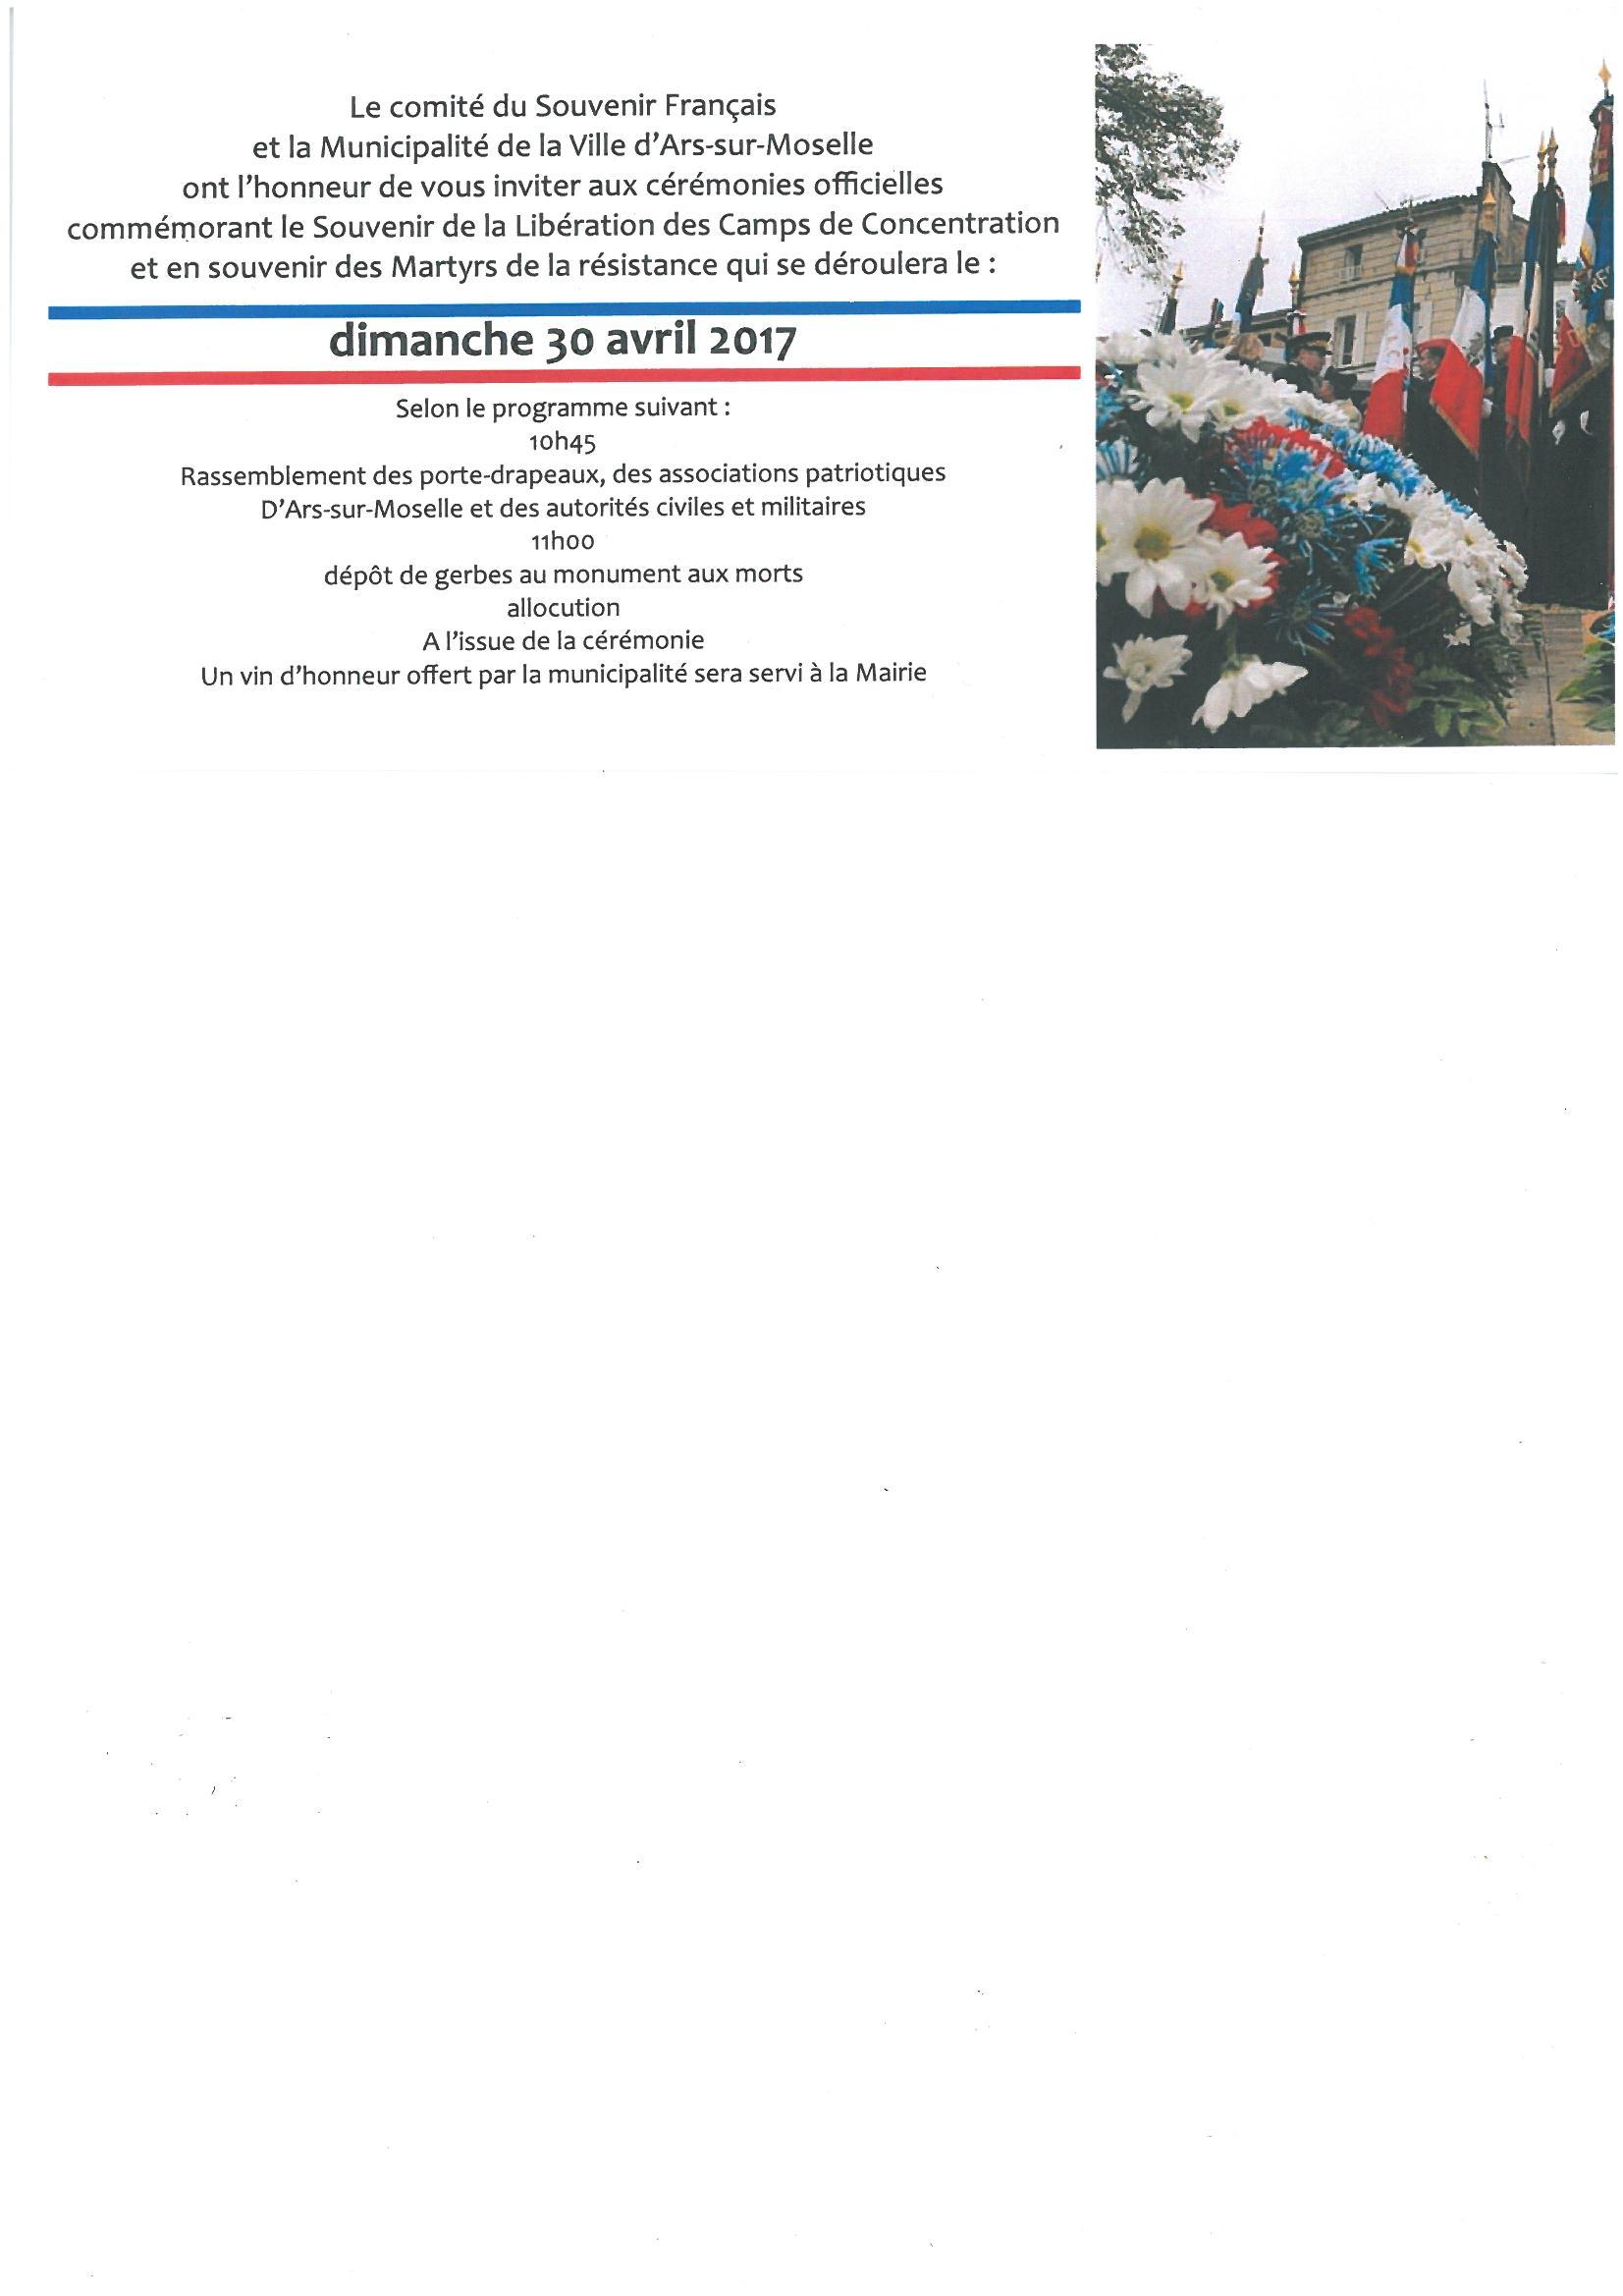 CEREMONIE SOUVENIR LIBERATION CAMPS DE CONCENTRATION et MARTYRS DE LA RESISTANCE dimanche 30 avril